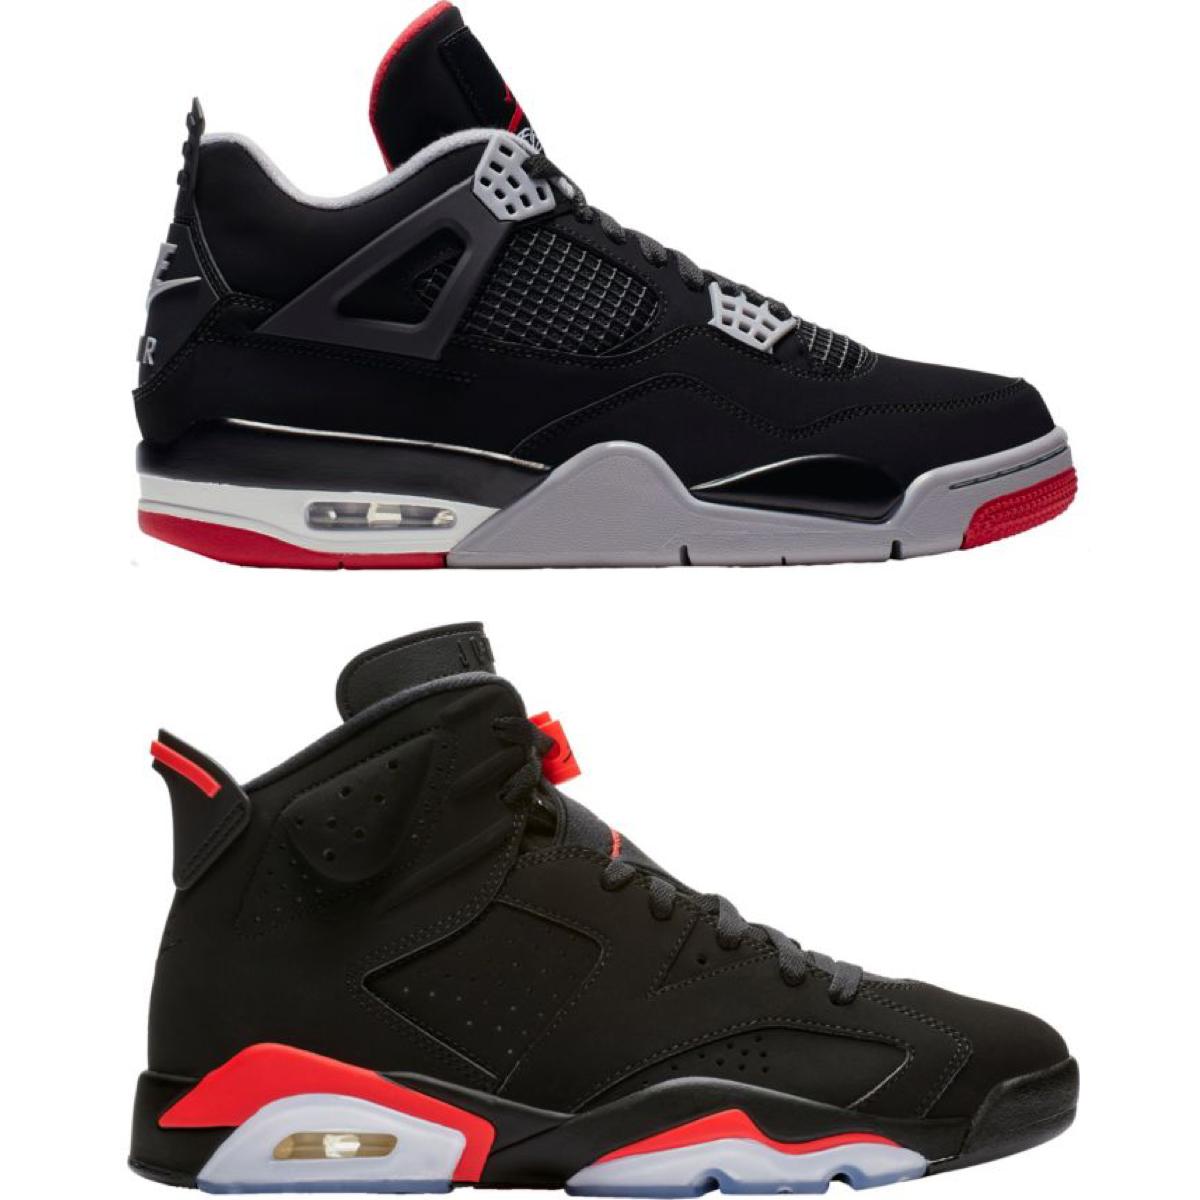 Restock: Air Jordan 6 Infrared and Air Jordan 4 Black Cement